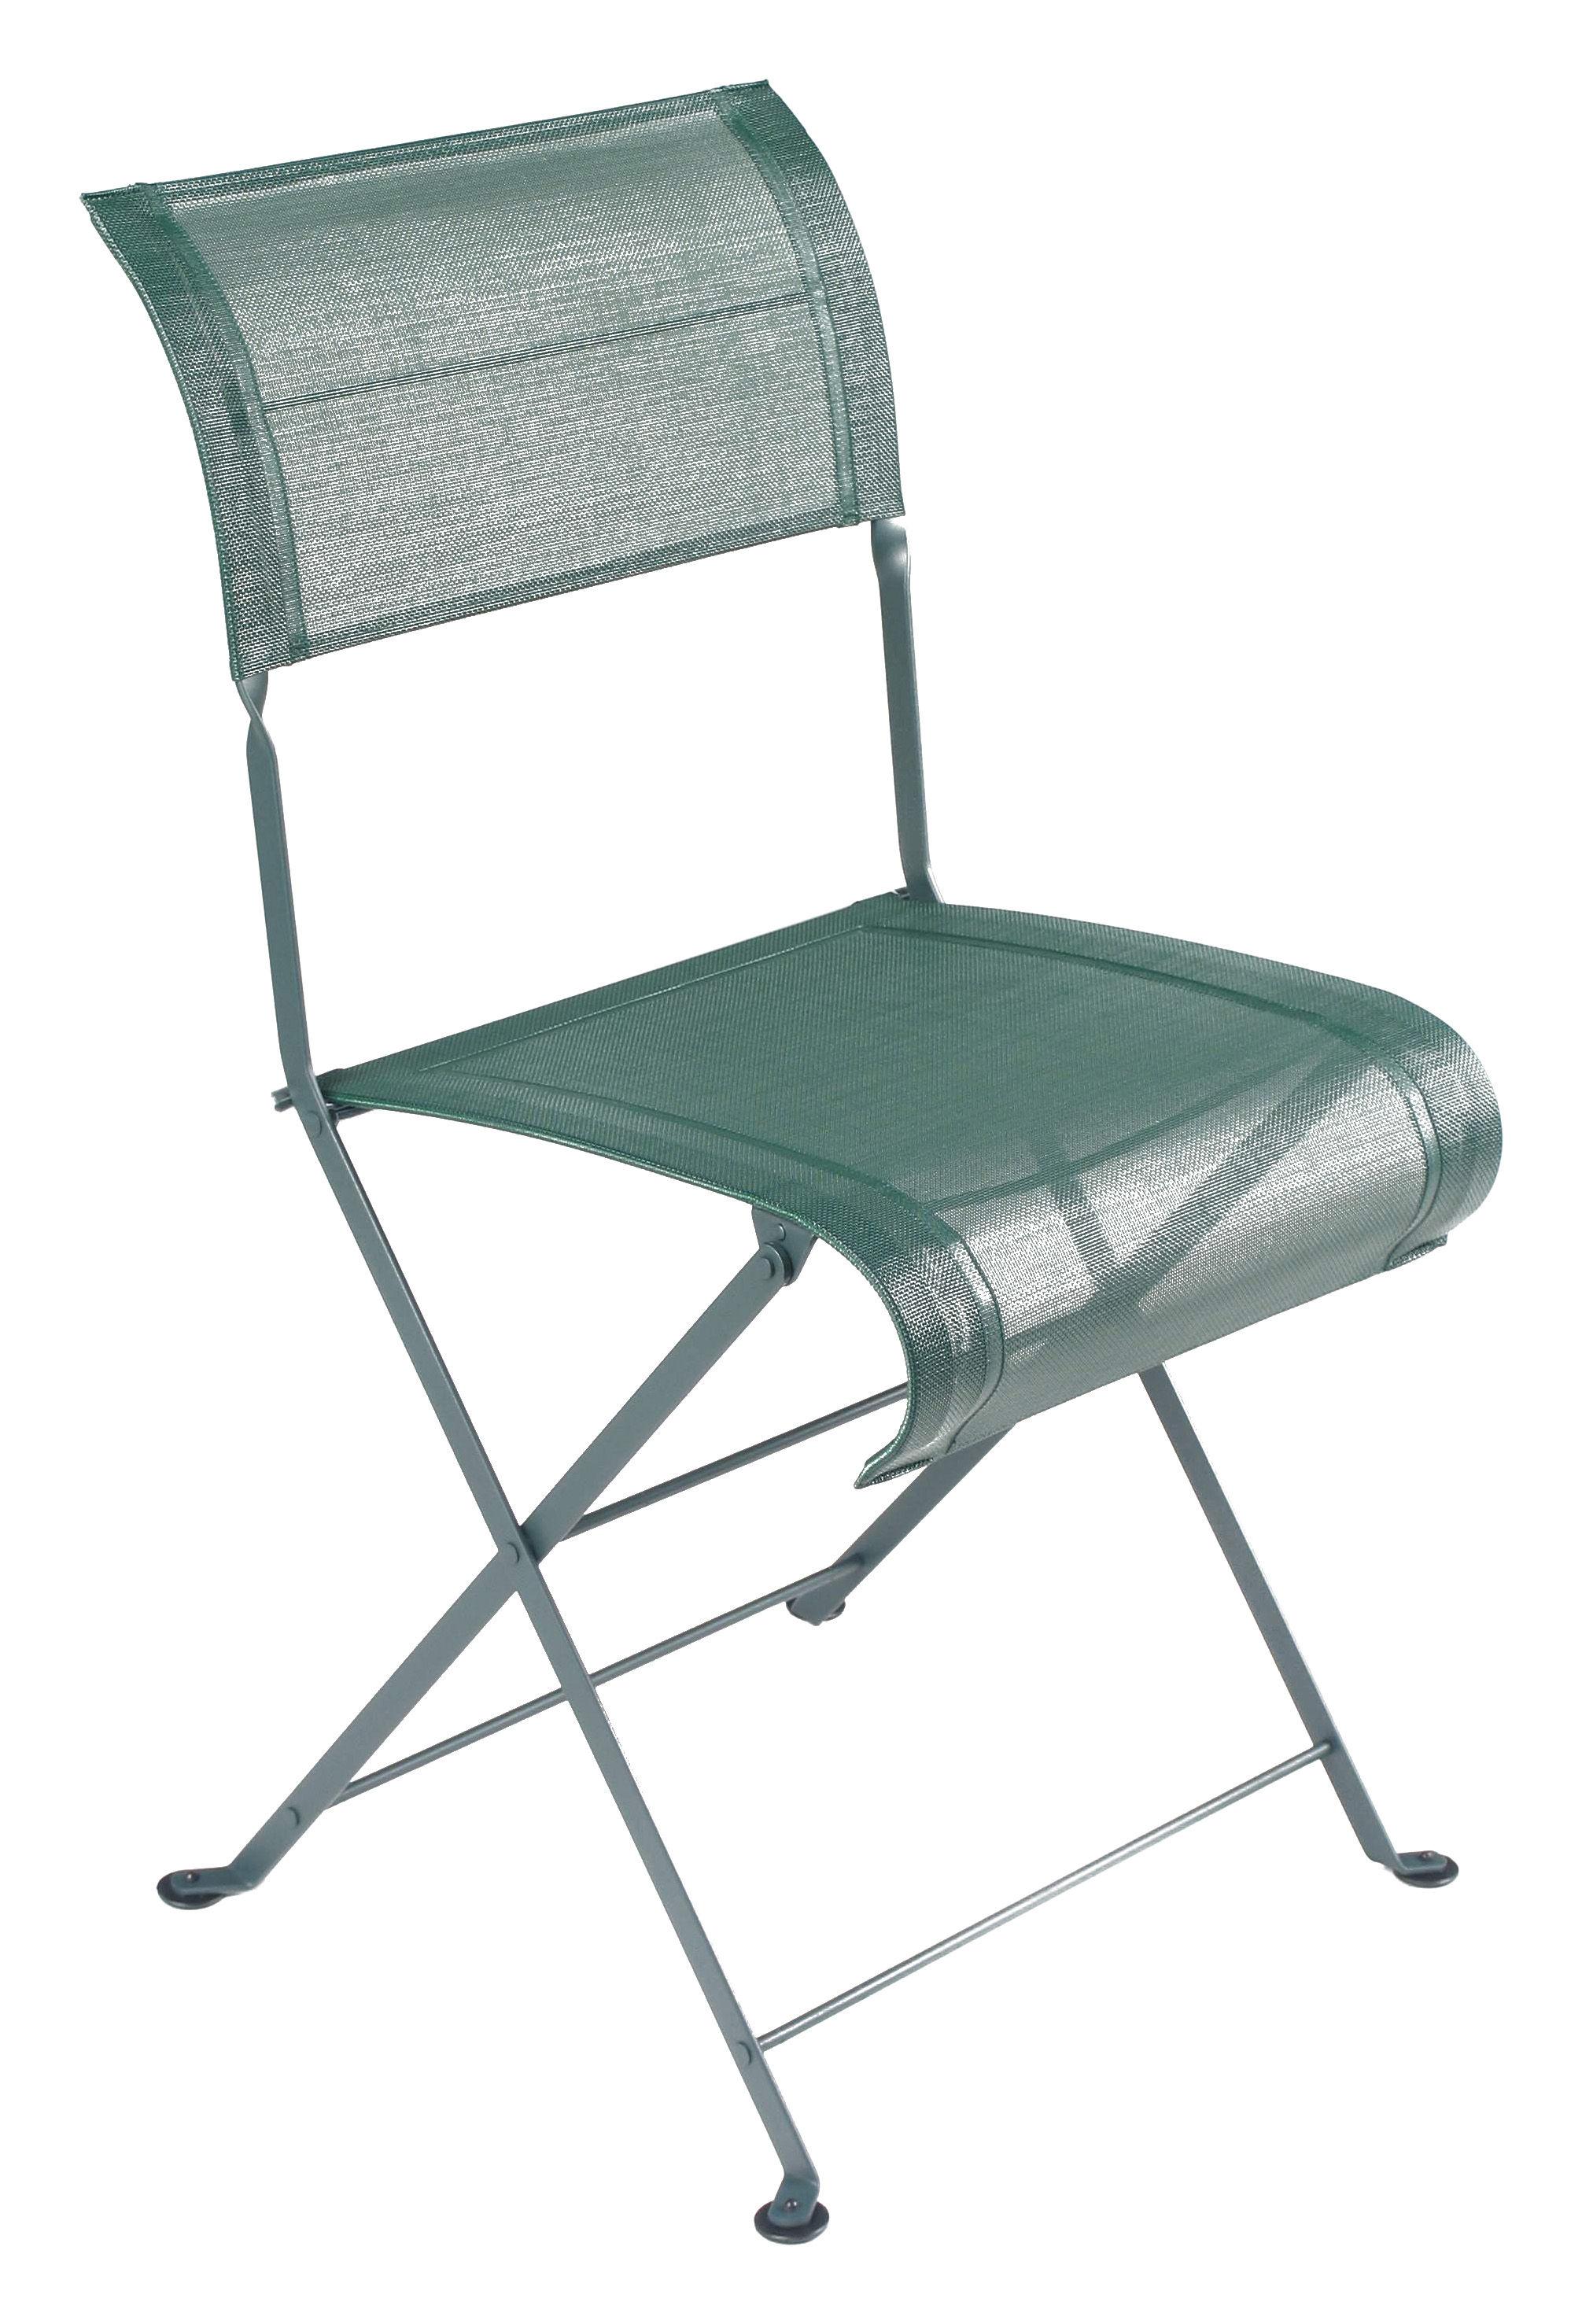 Chaise pliante dune toile c dre fermob - Chaise pliante en toile ...